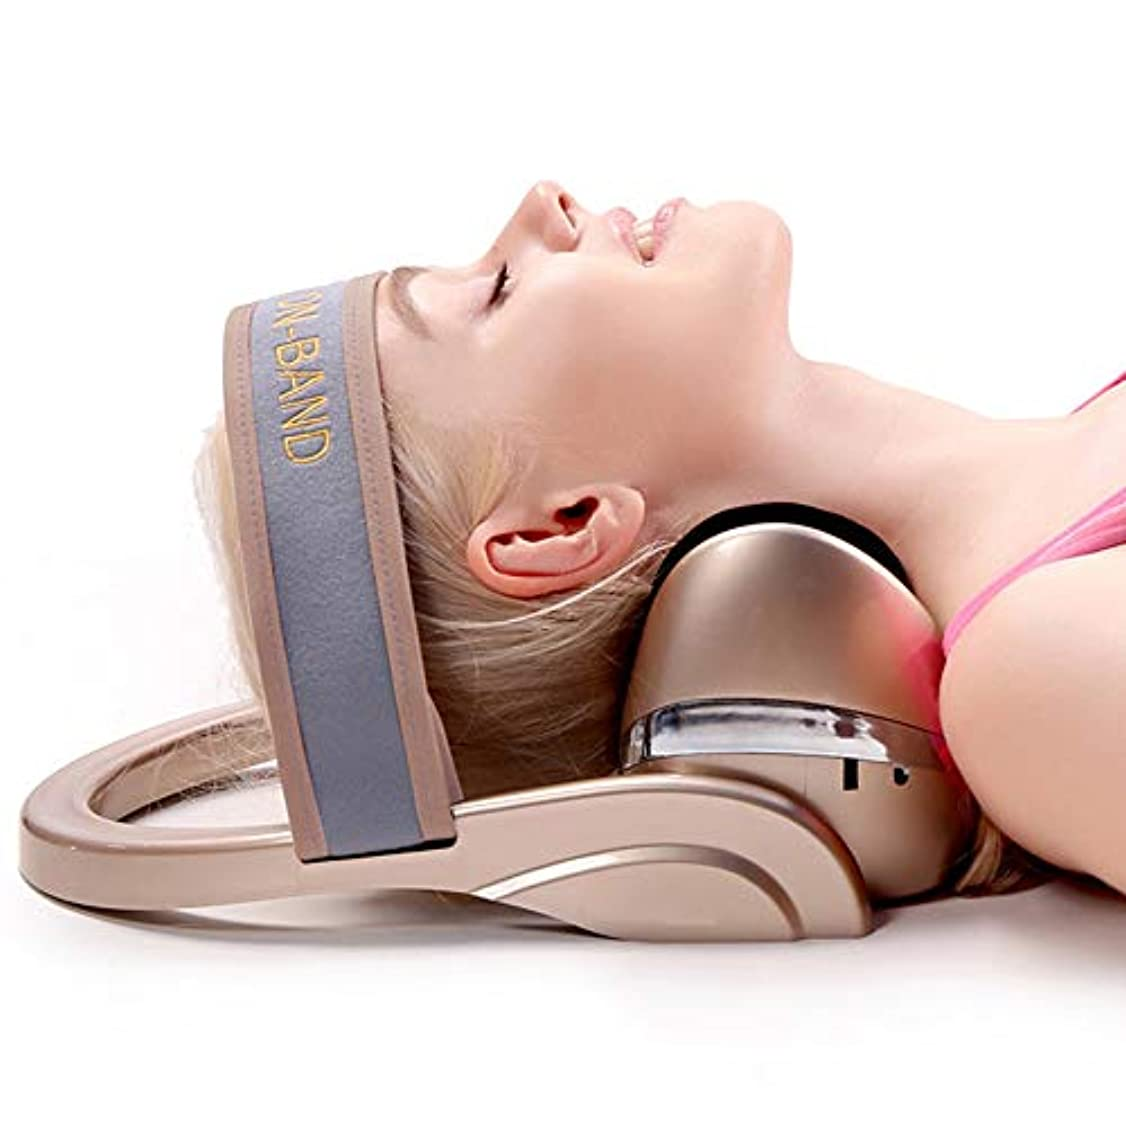 少しビルマ言語整形外科の救助の首およびサポート肩の上部の背骨の緩い苦痛のマッサージの牽引のための電気頚椎のマッサージの弛緩の枕